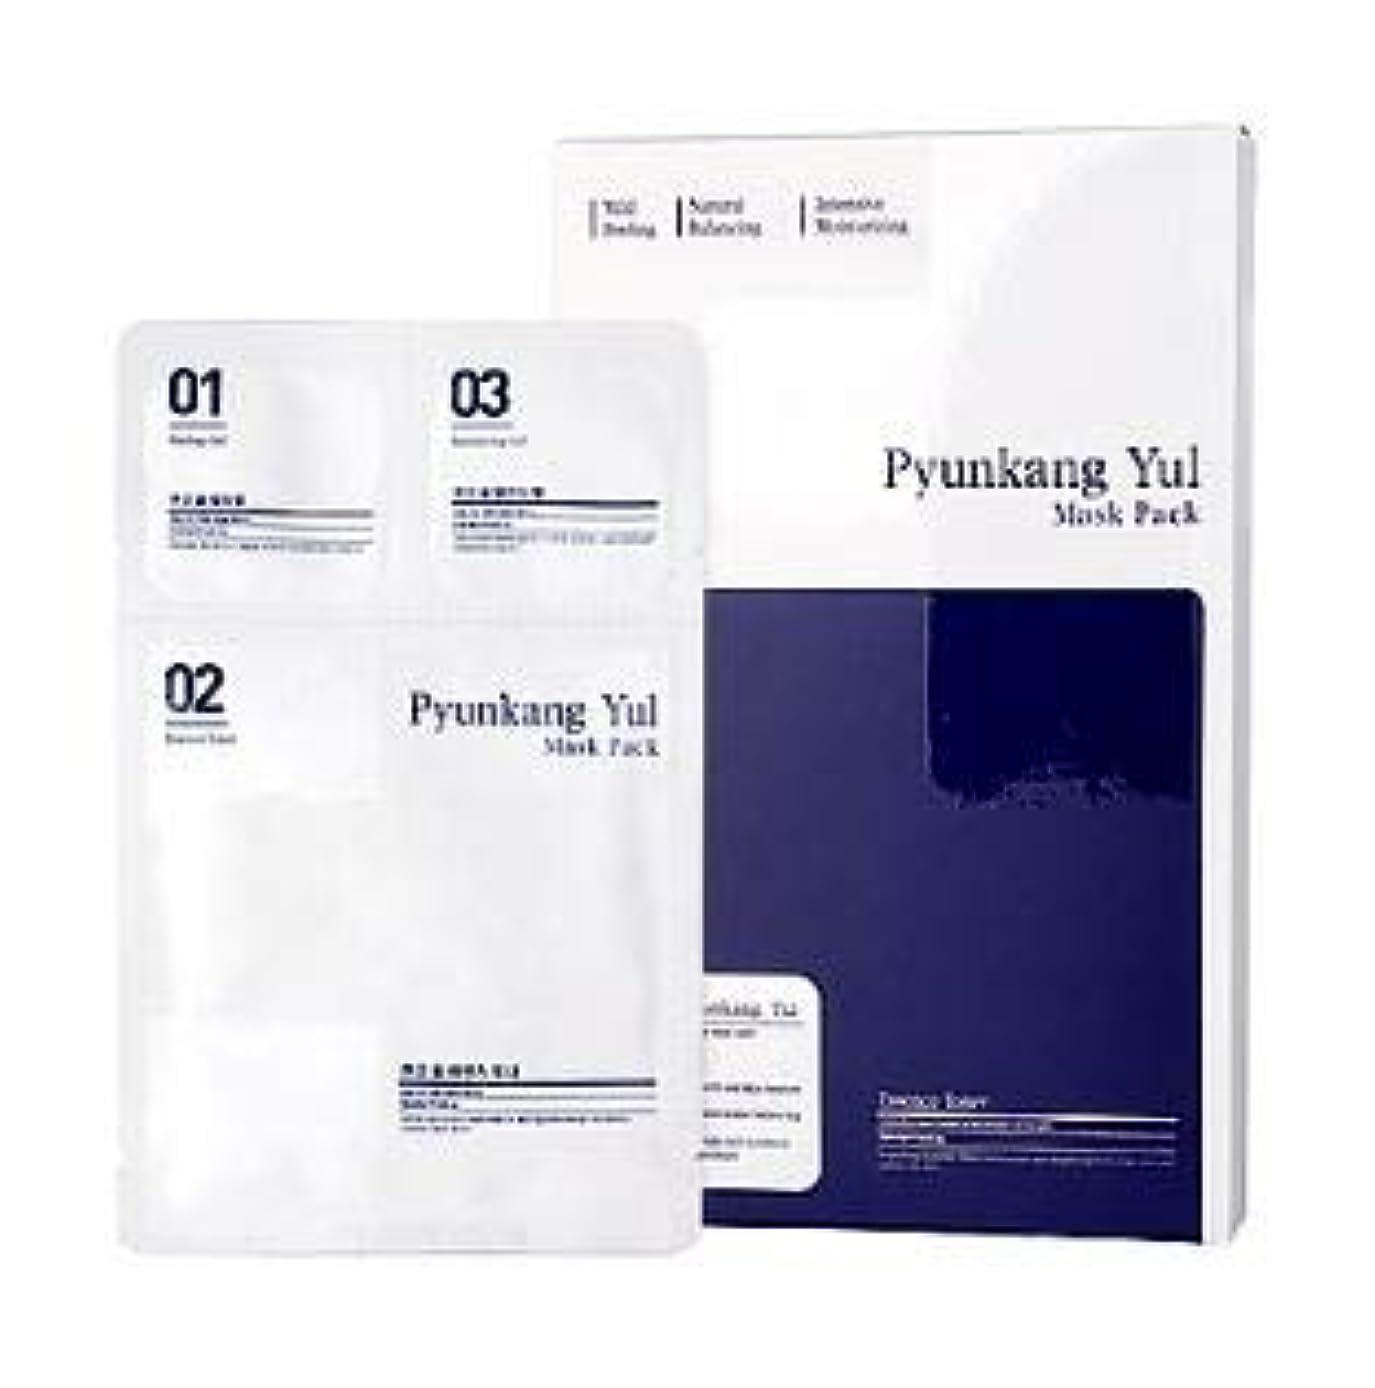 モーターオーバーランシュガー[Pyunkang Yul] 3 Step Mask Pack (5ea) /[扁康率(PYUNKANG YUL)] 3 ステップ マスク パック (5枚) [並行輸入品]